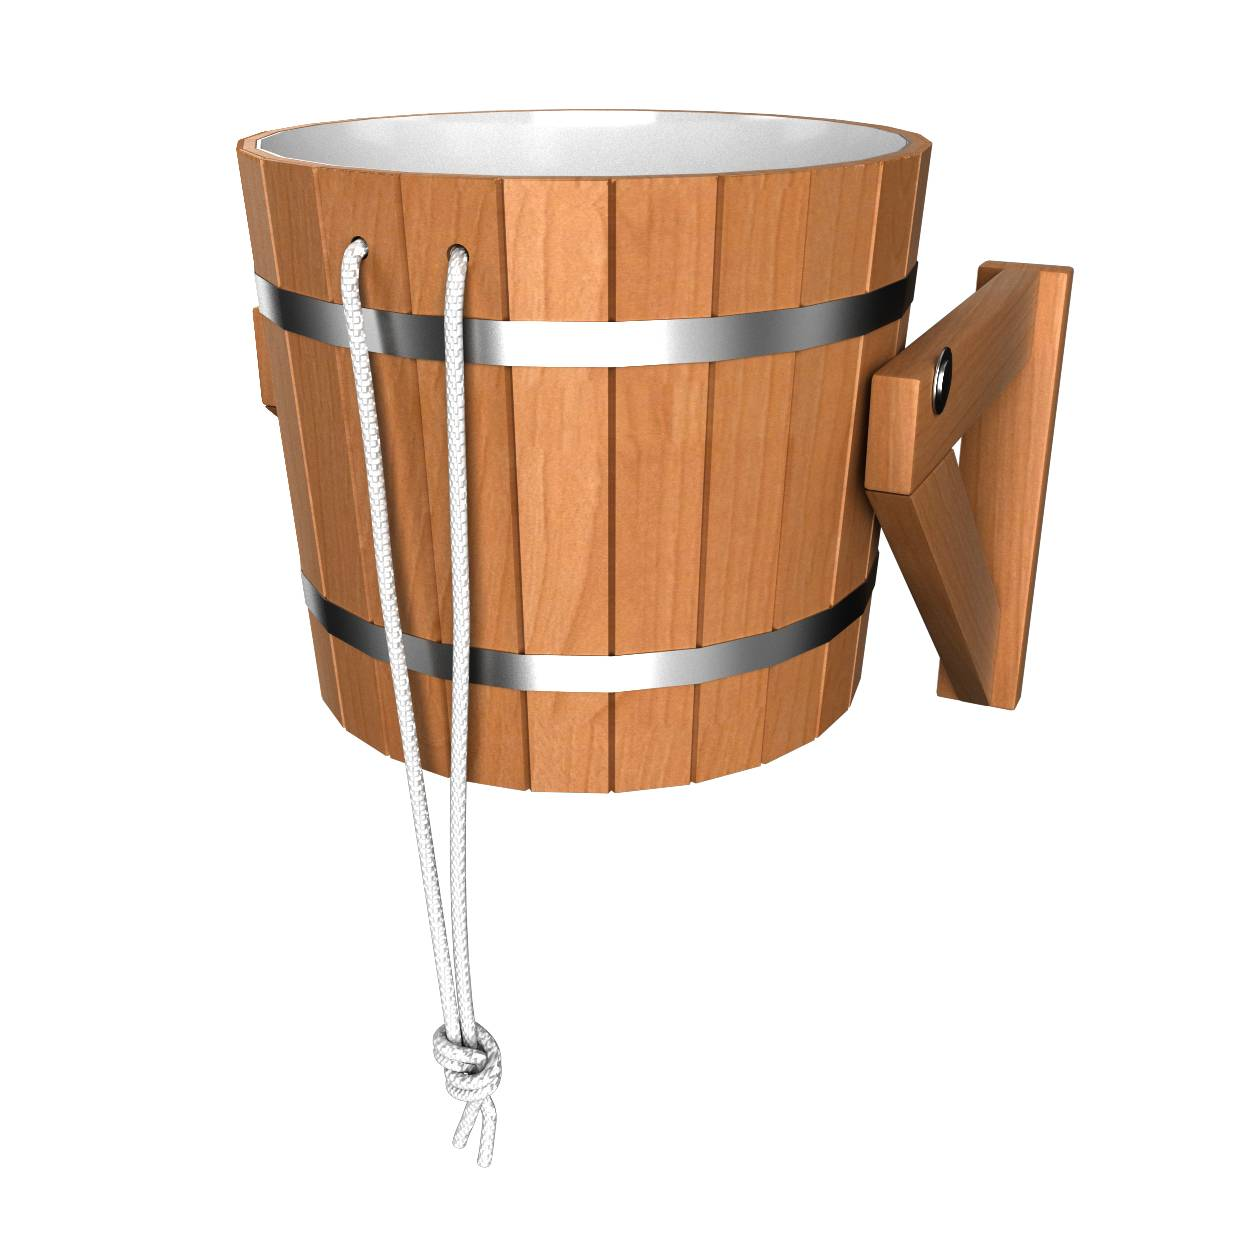 Купить обливные устройства для бани в москве, цена в интернет-магазине saunamart